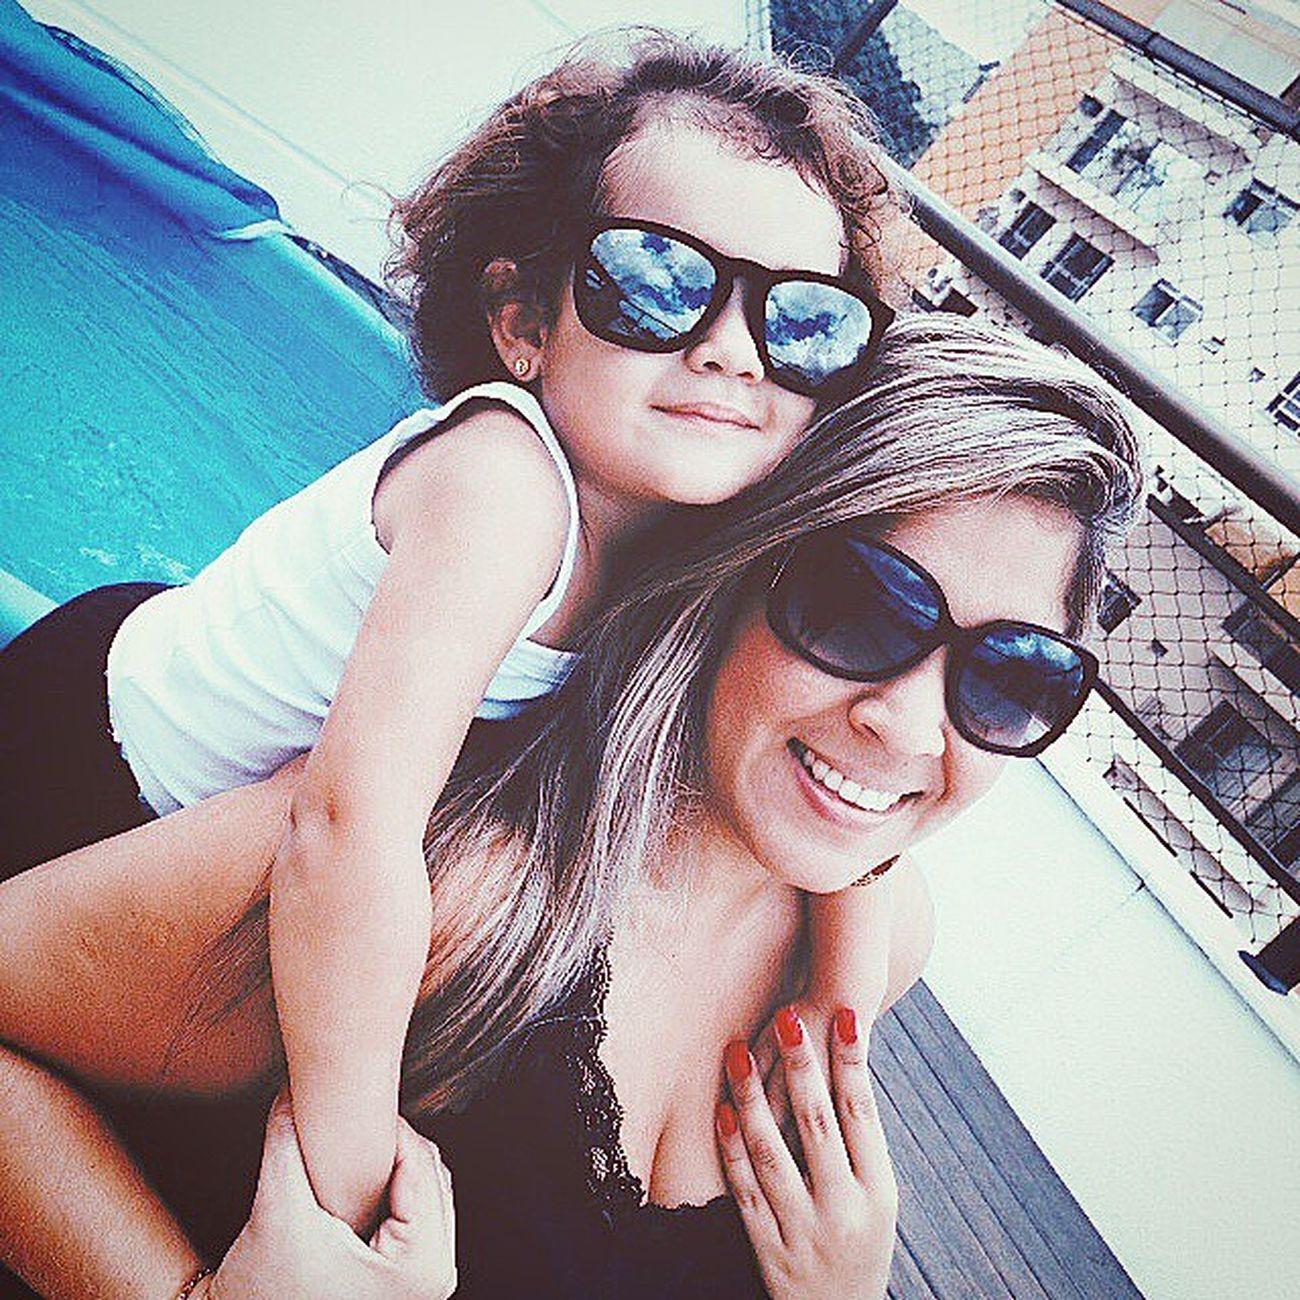 📷👍🔝😀 👉Família linda! 👉Sempre juntas! 💏🏊🌅 ✔Errejota  021rio Carioquissimo Pomelocamera cariocadagema cariocagram instagramrio selfie vscocam vsco riodejaneiro rio4fun model motofoto amomuitotudoisso amor familia family sunglass